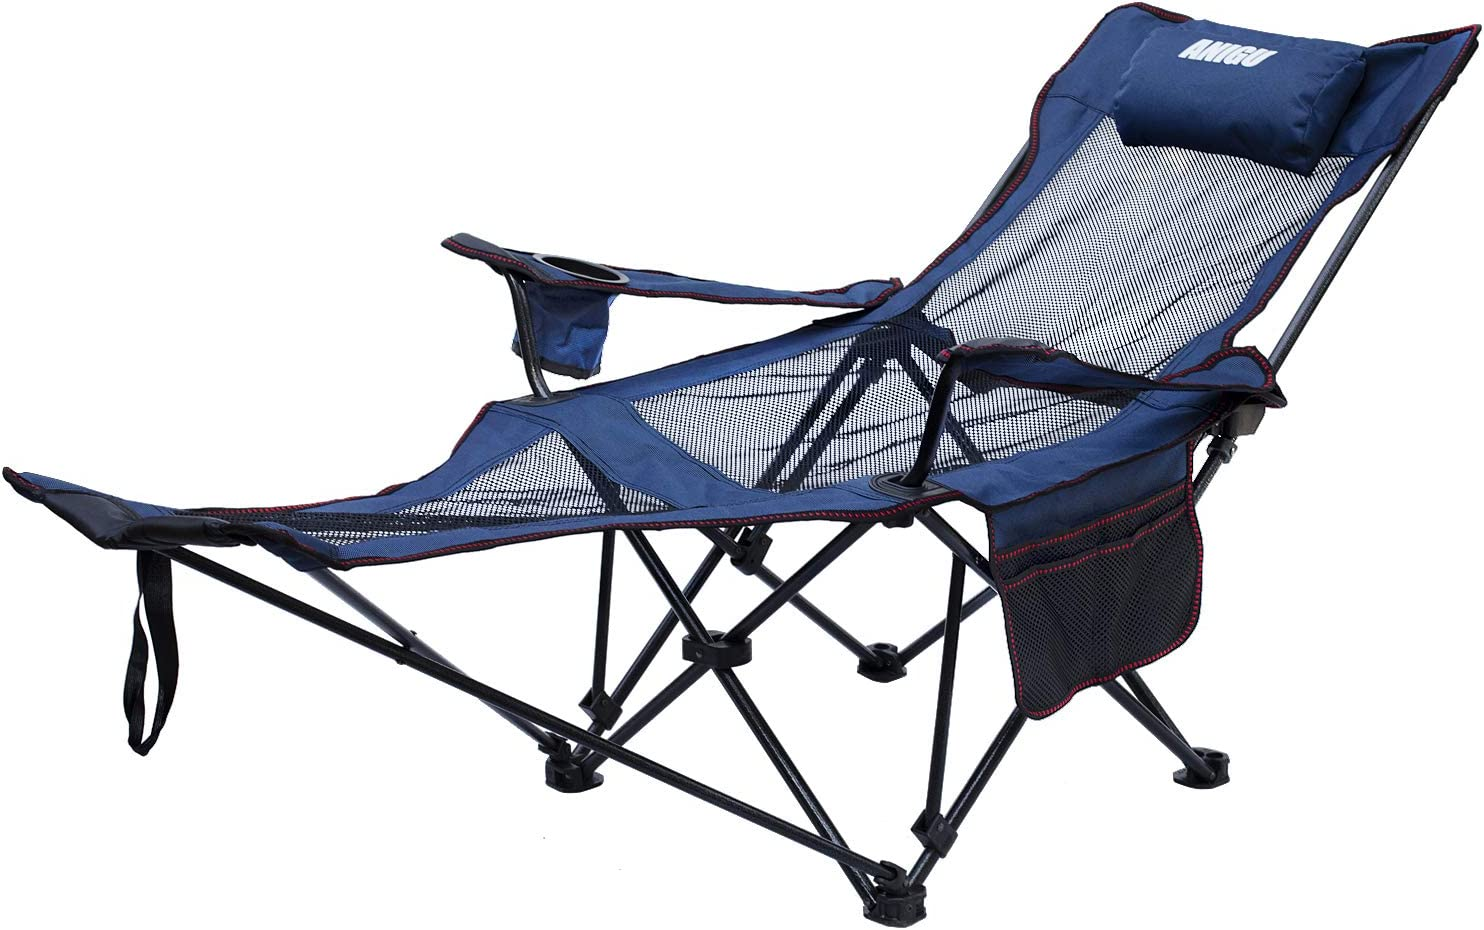 Anigu Folding Camp Chair